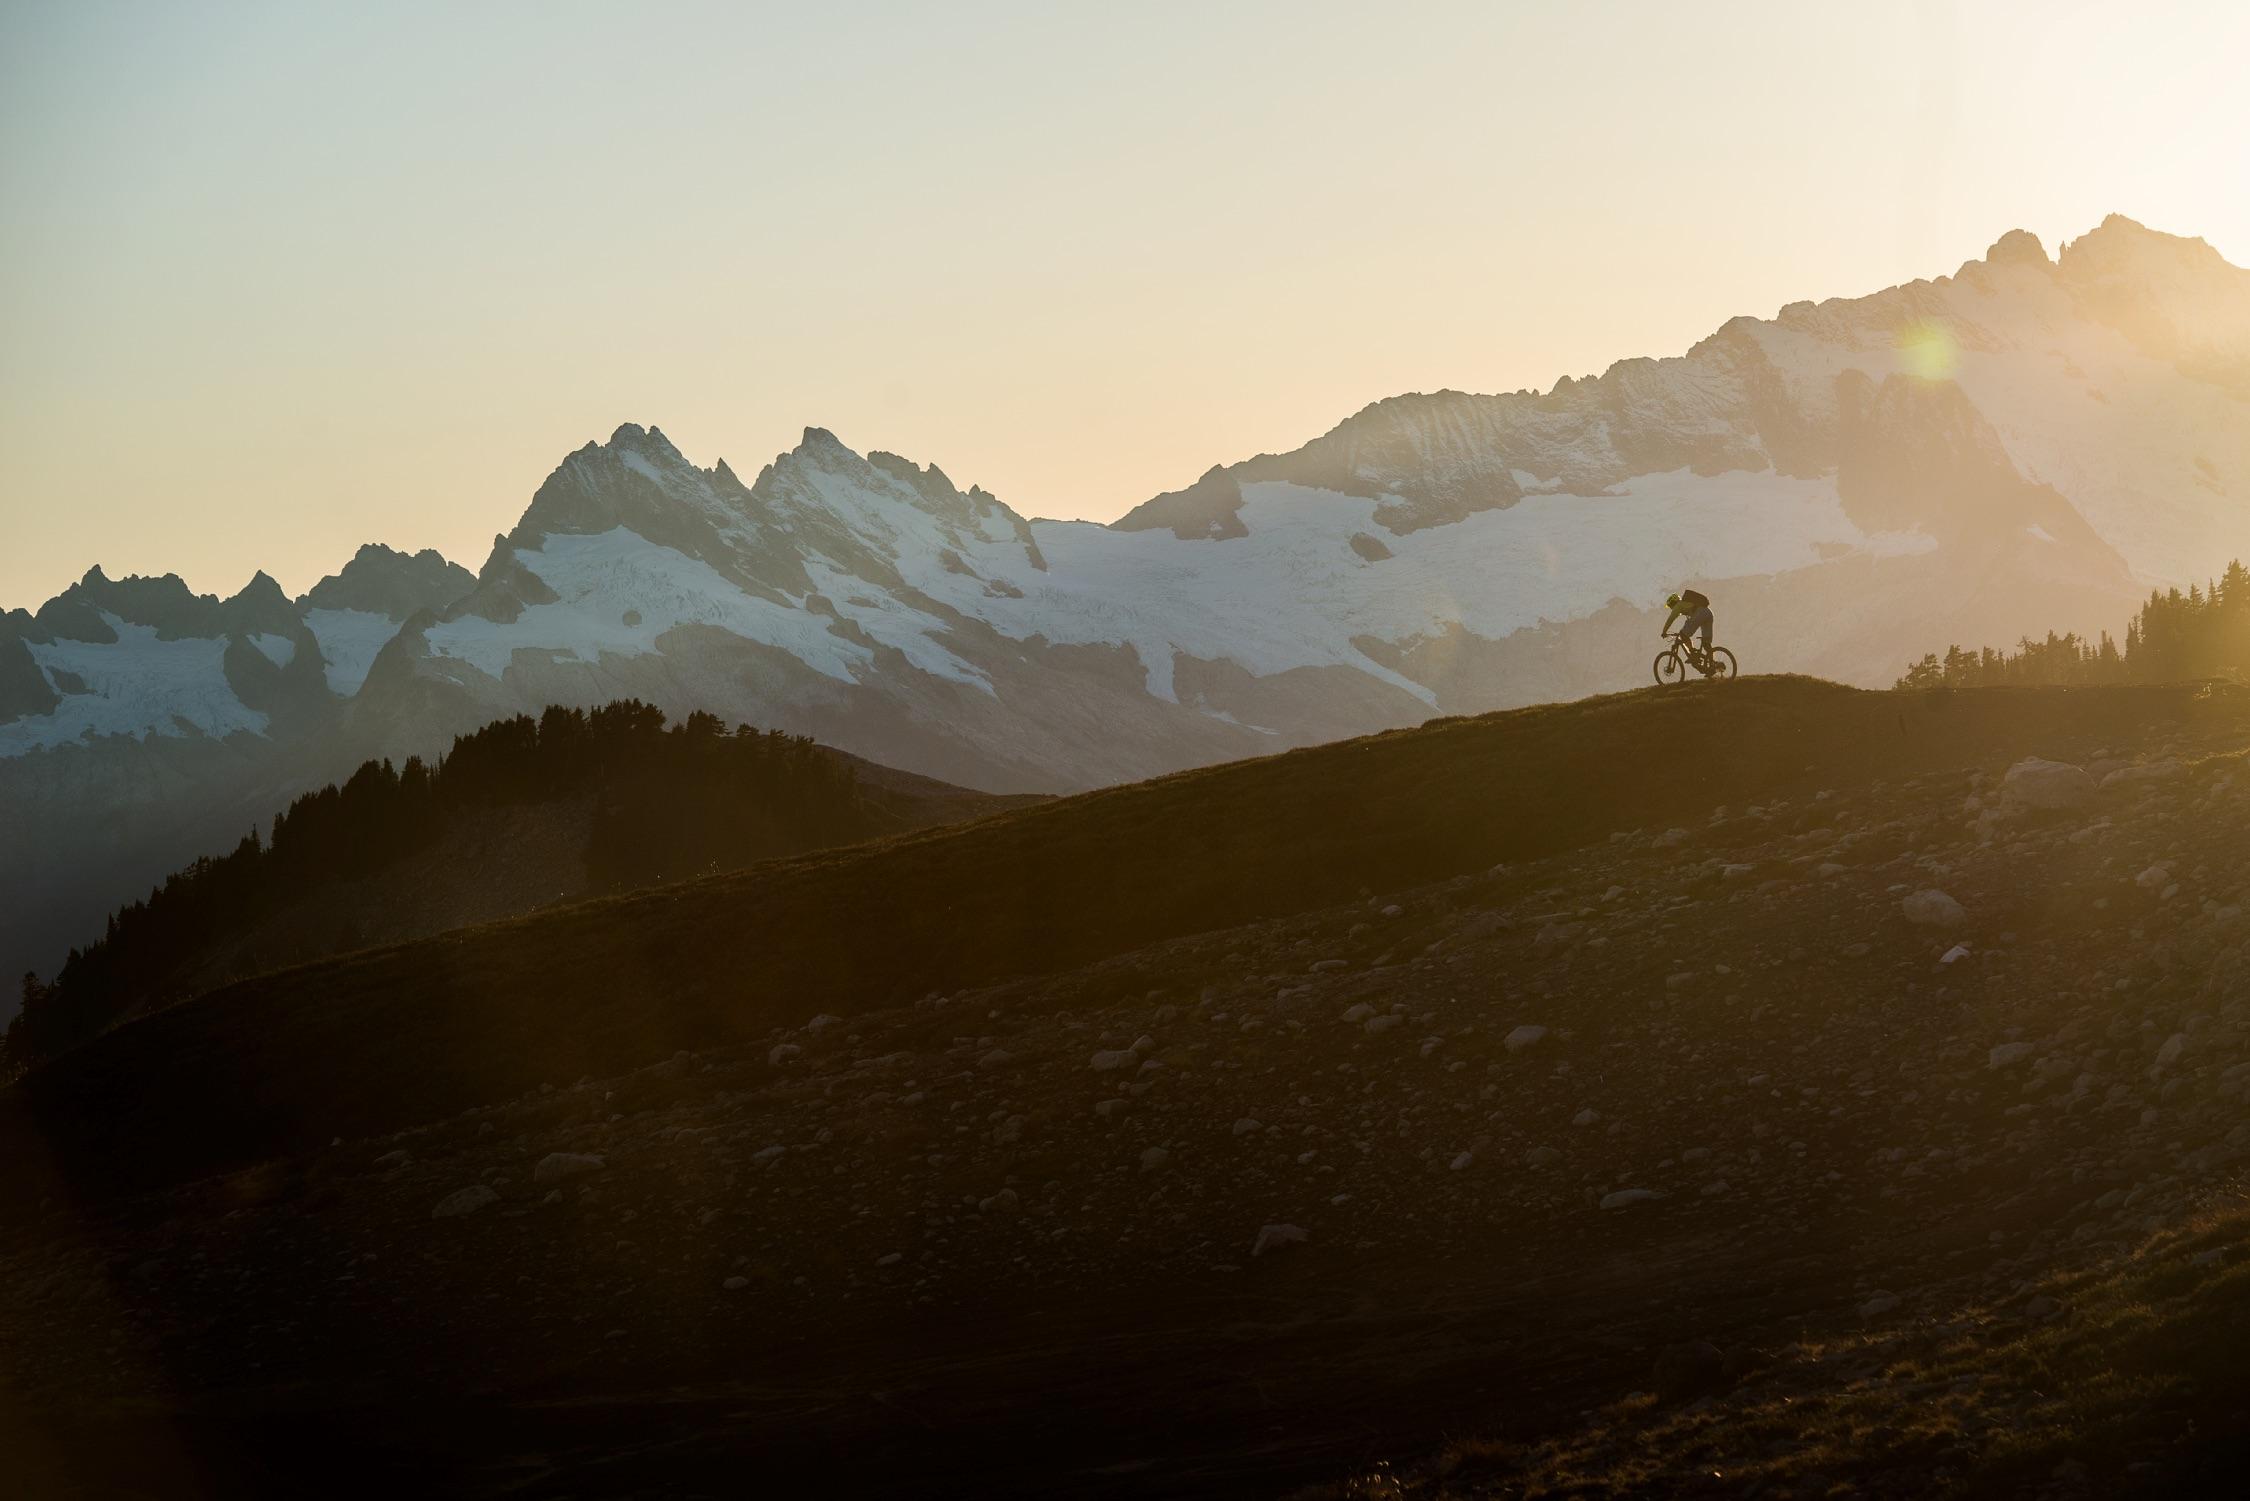 Mountain biking on Whistler mountain